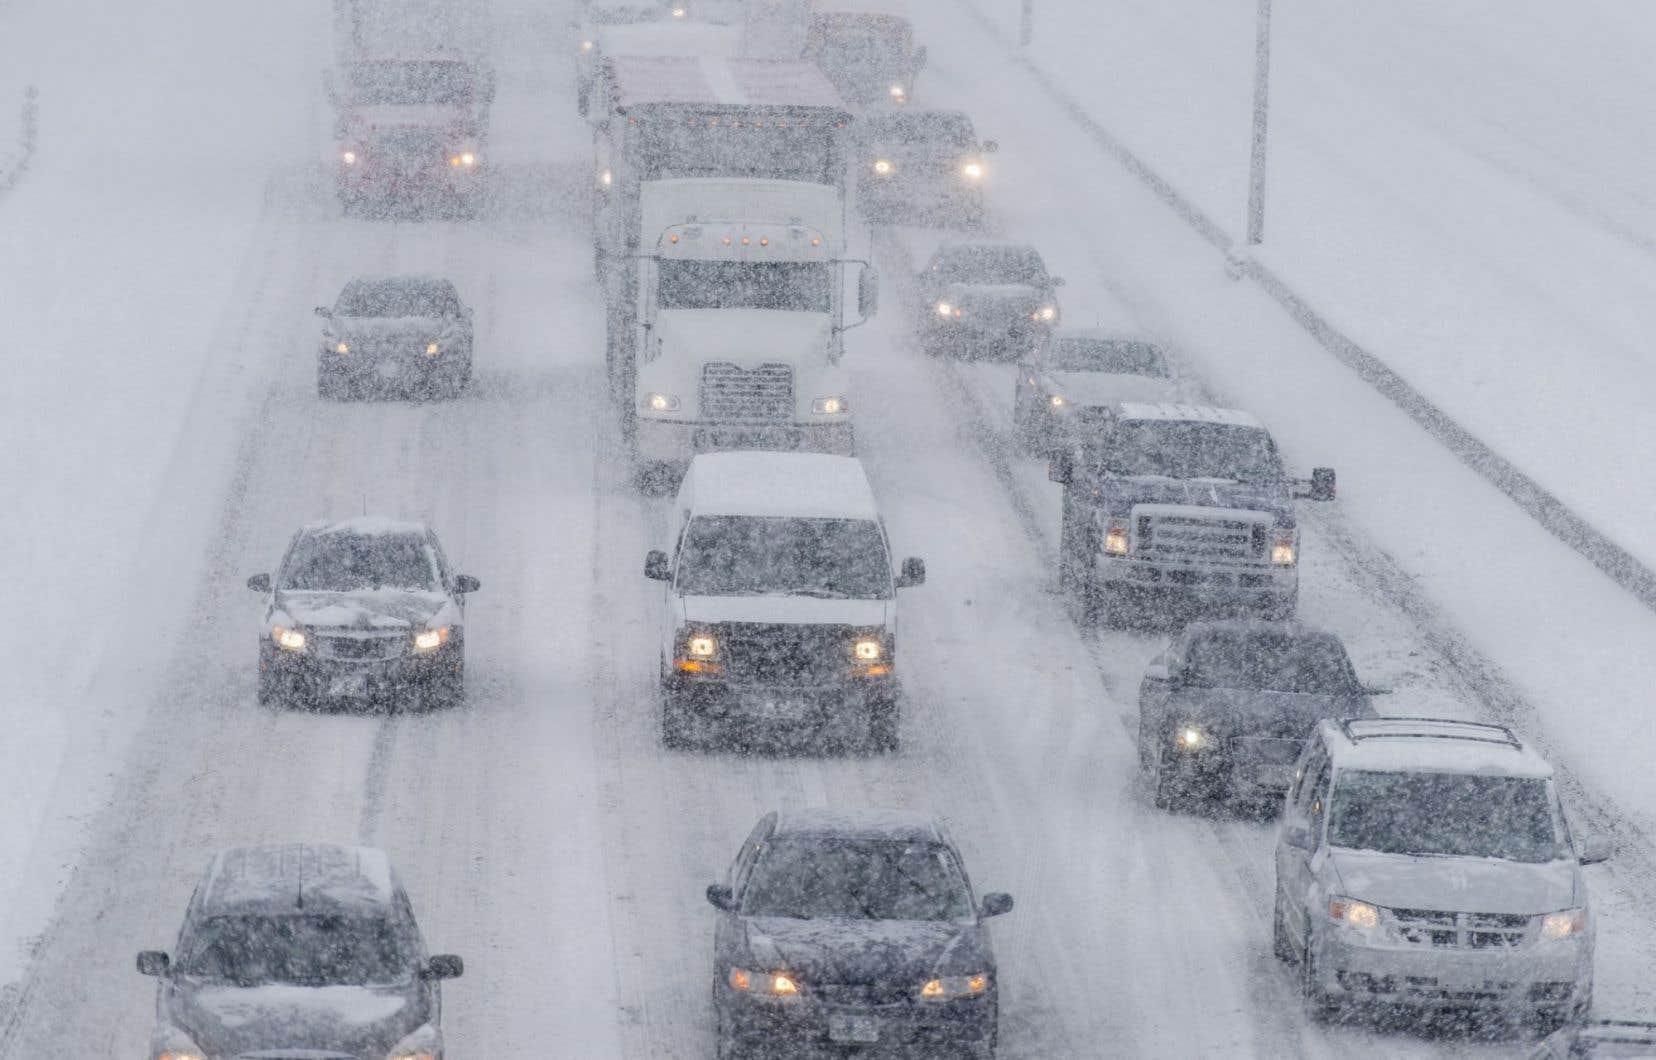 Lors de latempête de neige du 14mars 2017, plusieurs automobilistes se sont retrouvés bloqués par la neige.